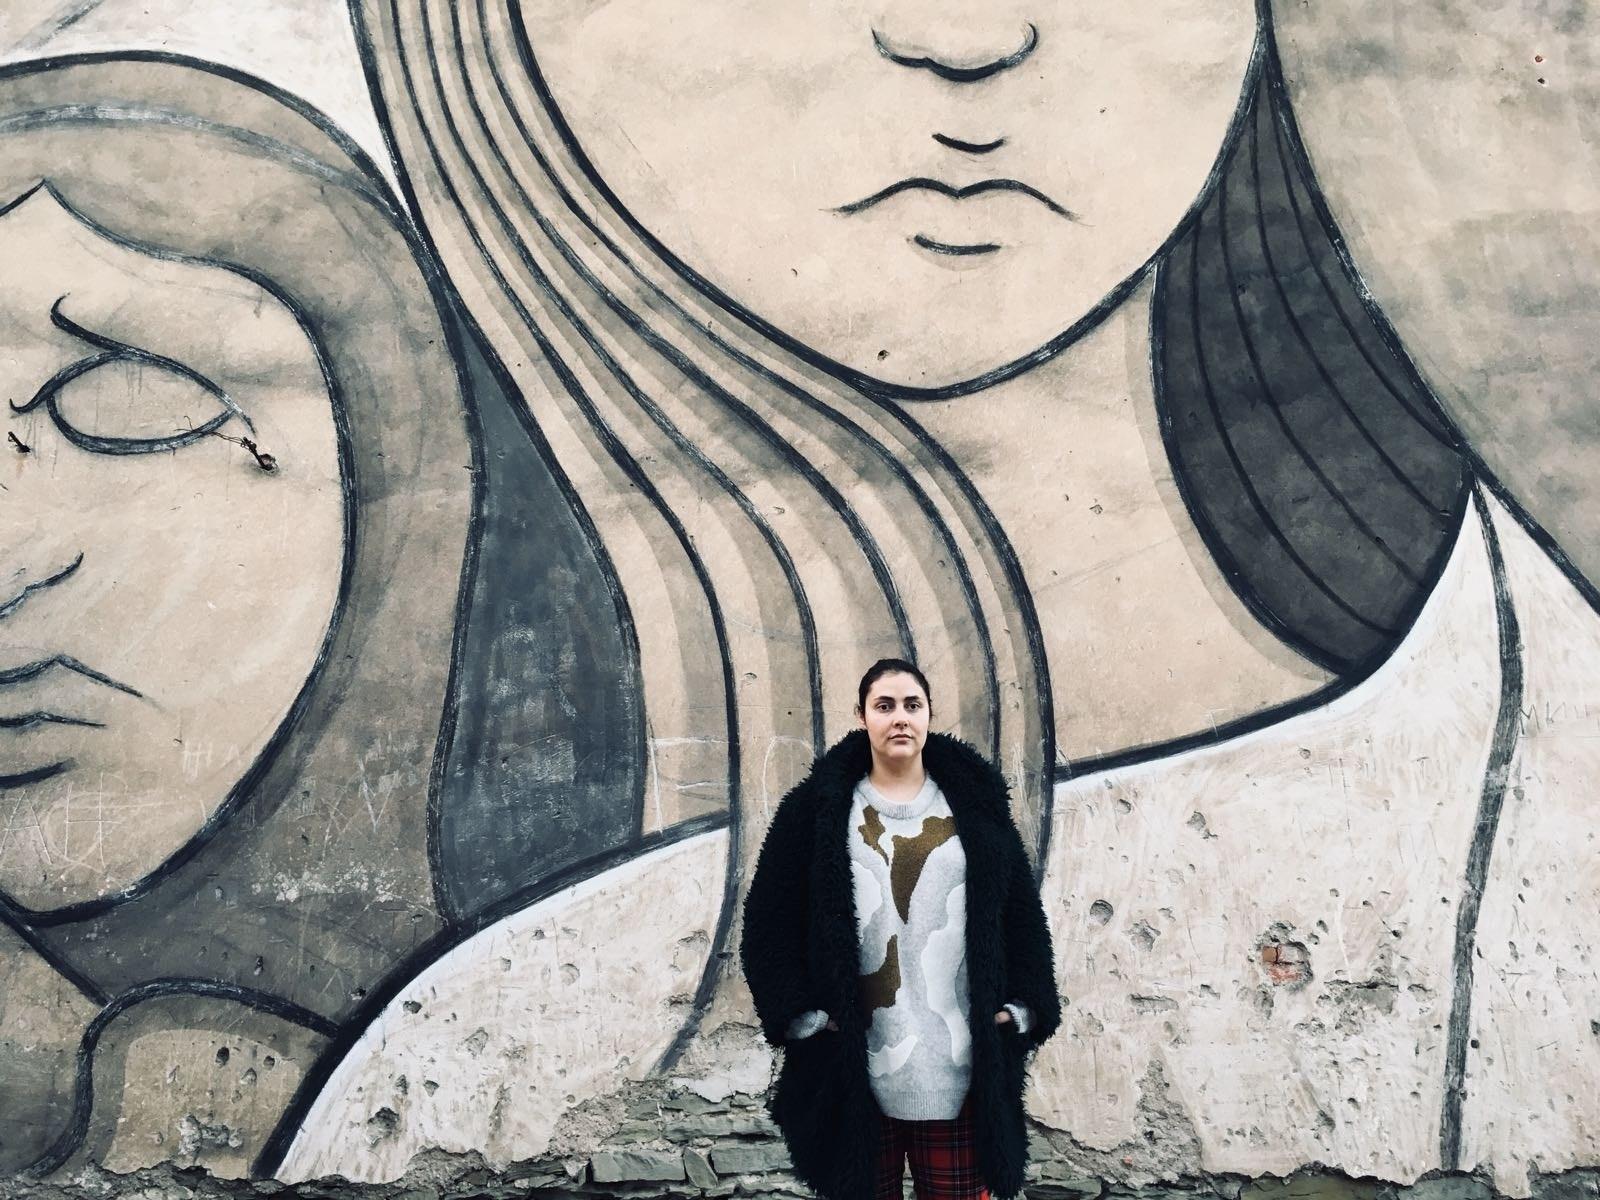 Dio è donna e si chiama Petrunya,dalla Macedonia del Nord la satira brillante e malinconica di Teona Mitevska